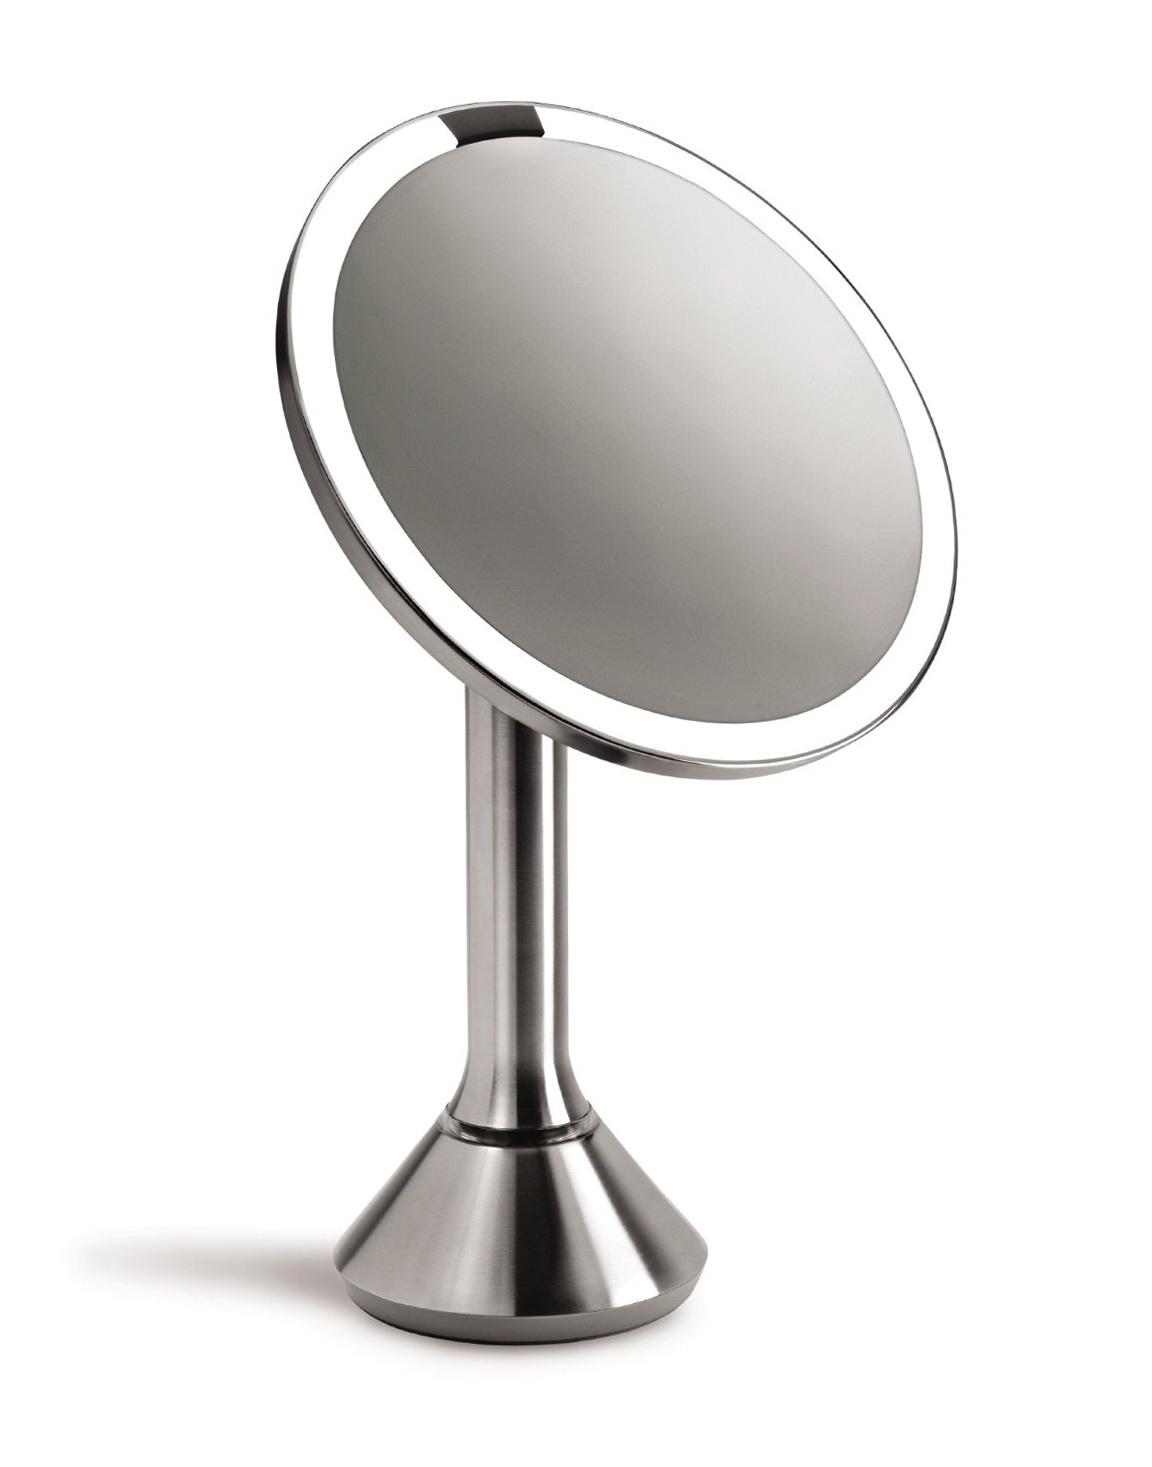 Light Up Makeup Mirror Reviews